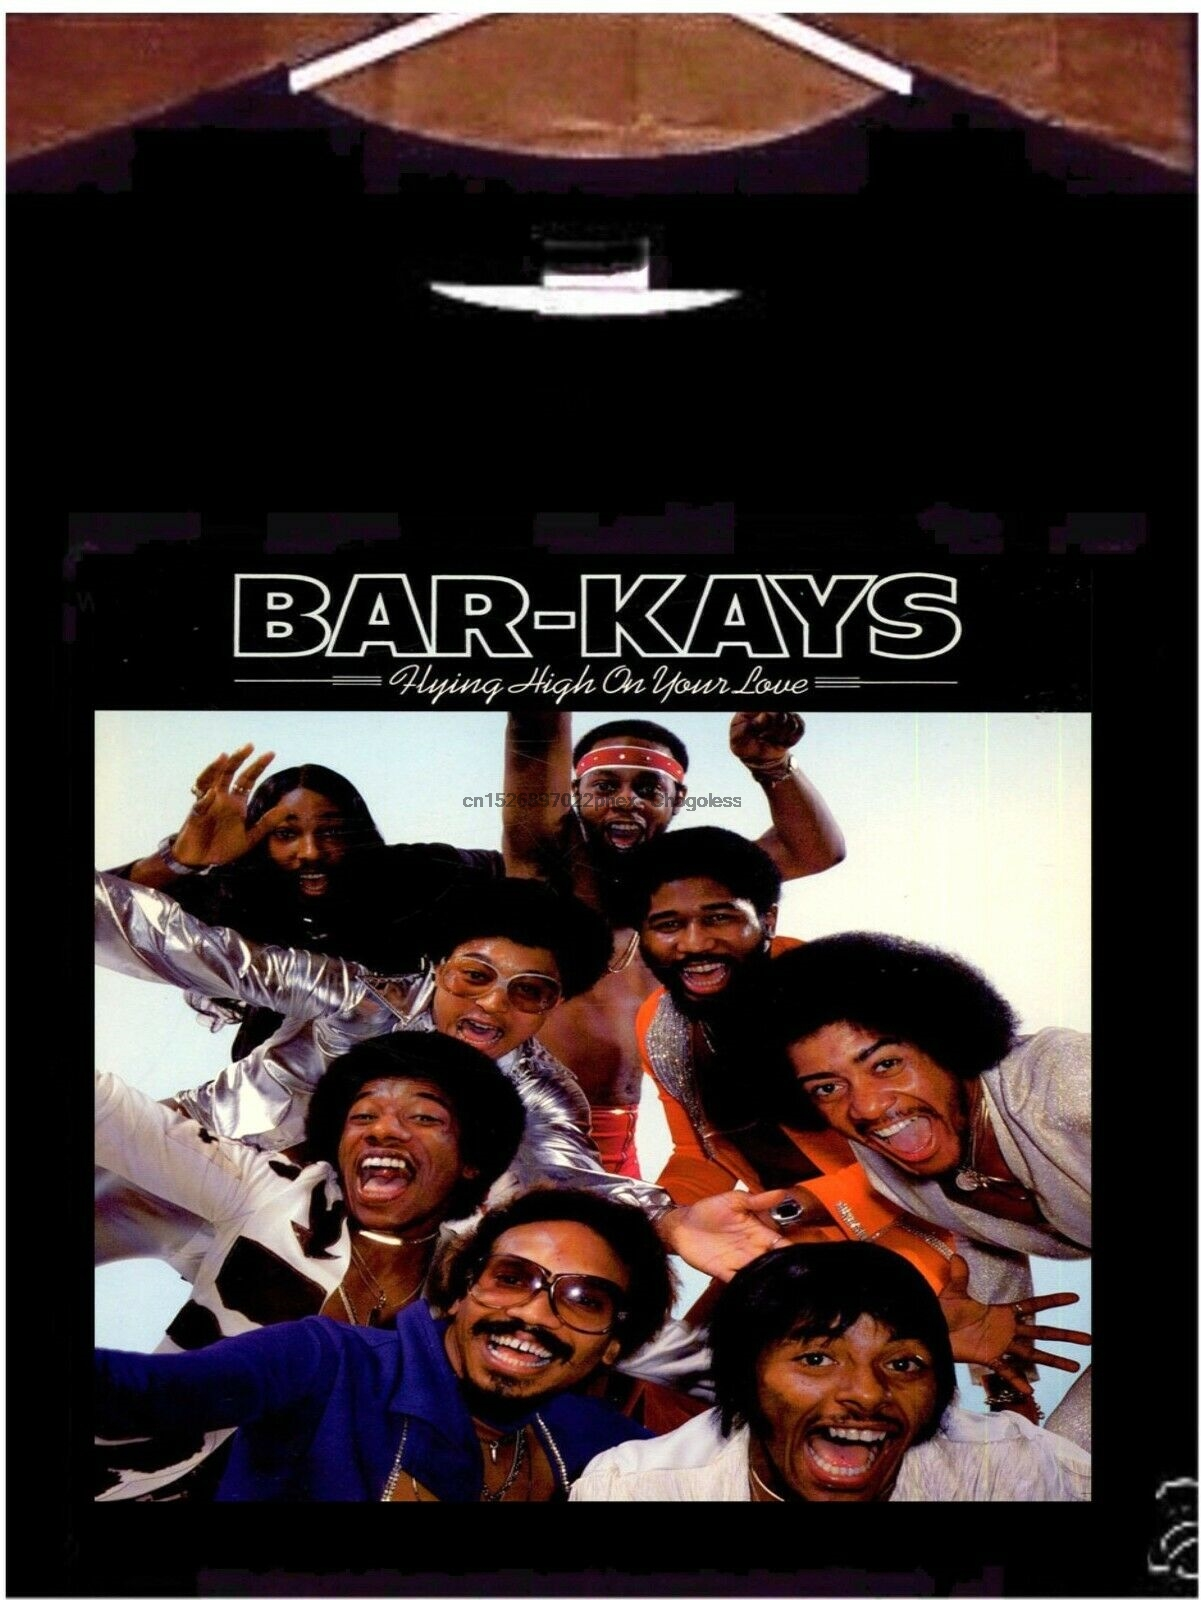 Bar-kays t camisa voando alto em sua barra de amor-kays camiseta